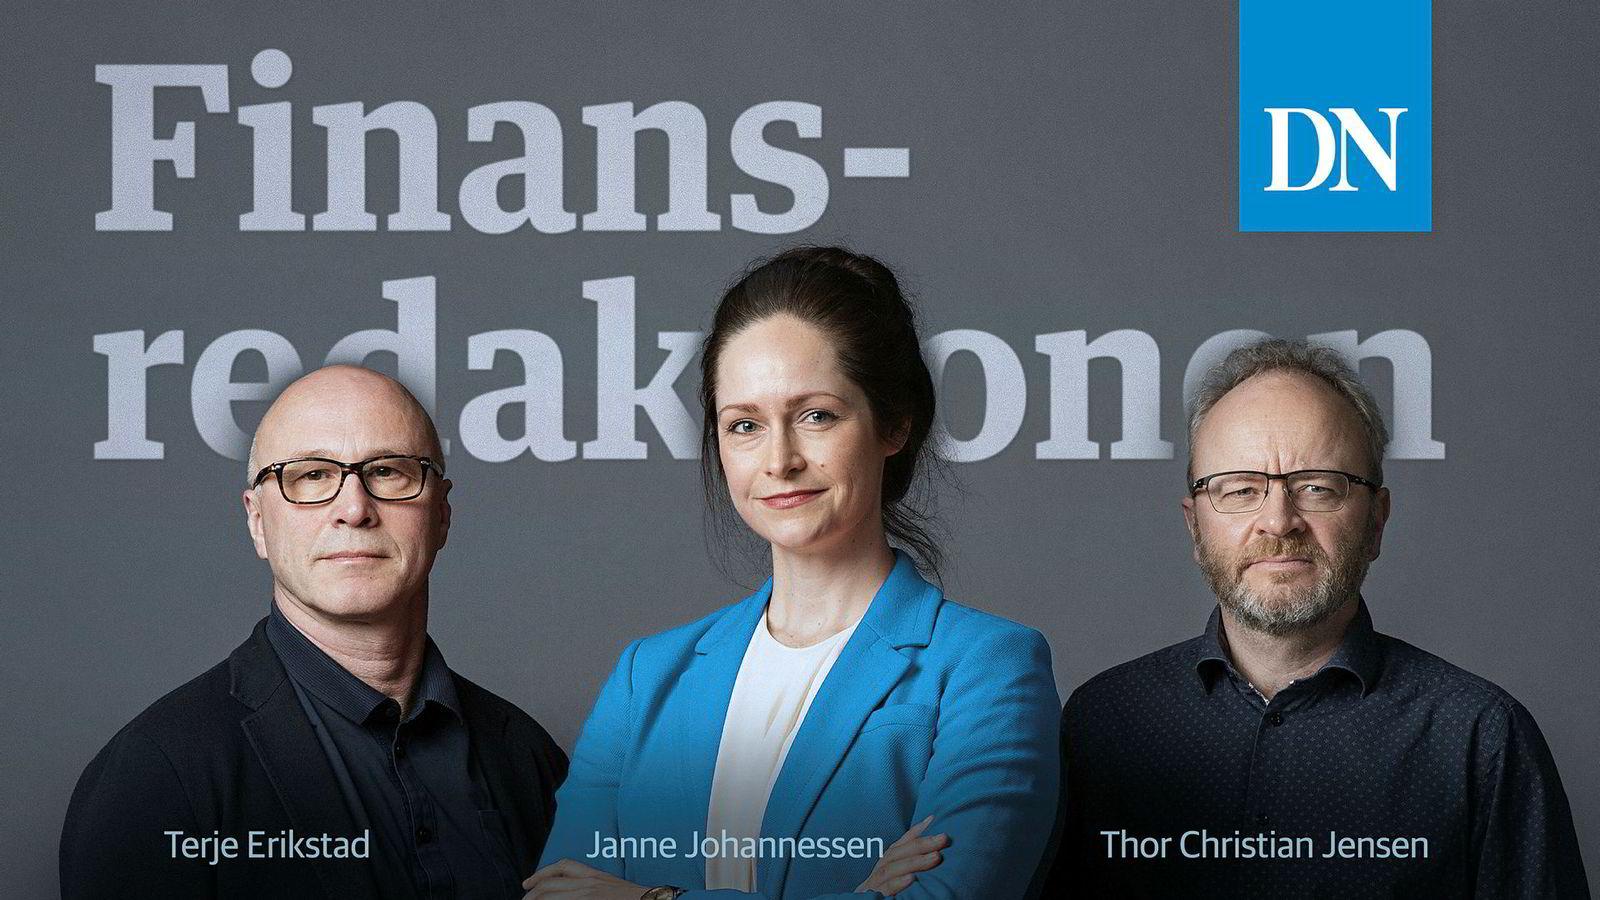 «Finansredaksjonen» er en podkast fra Dagens Næringsliv med Terje Erikstad, Janne Johannessen og Thor Christian Jensen.